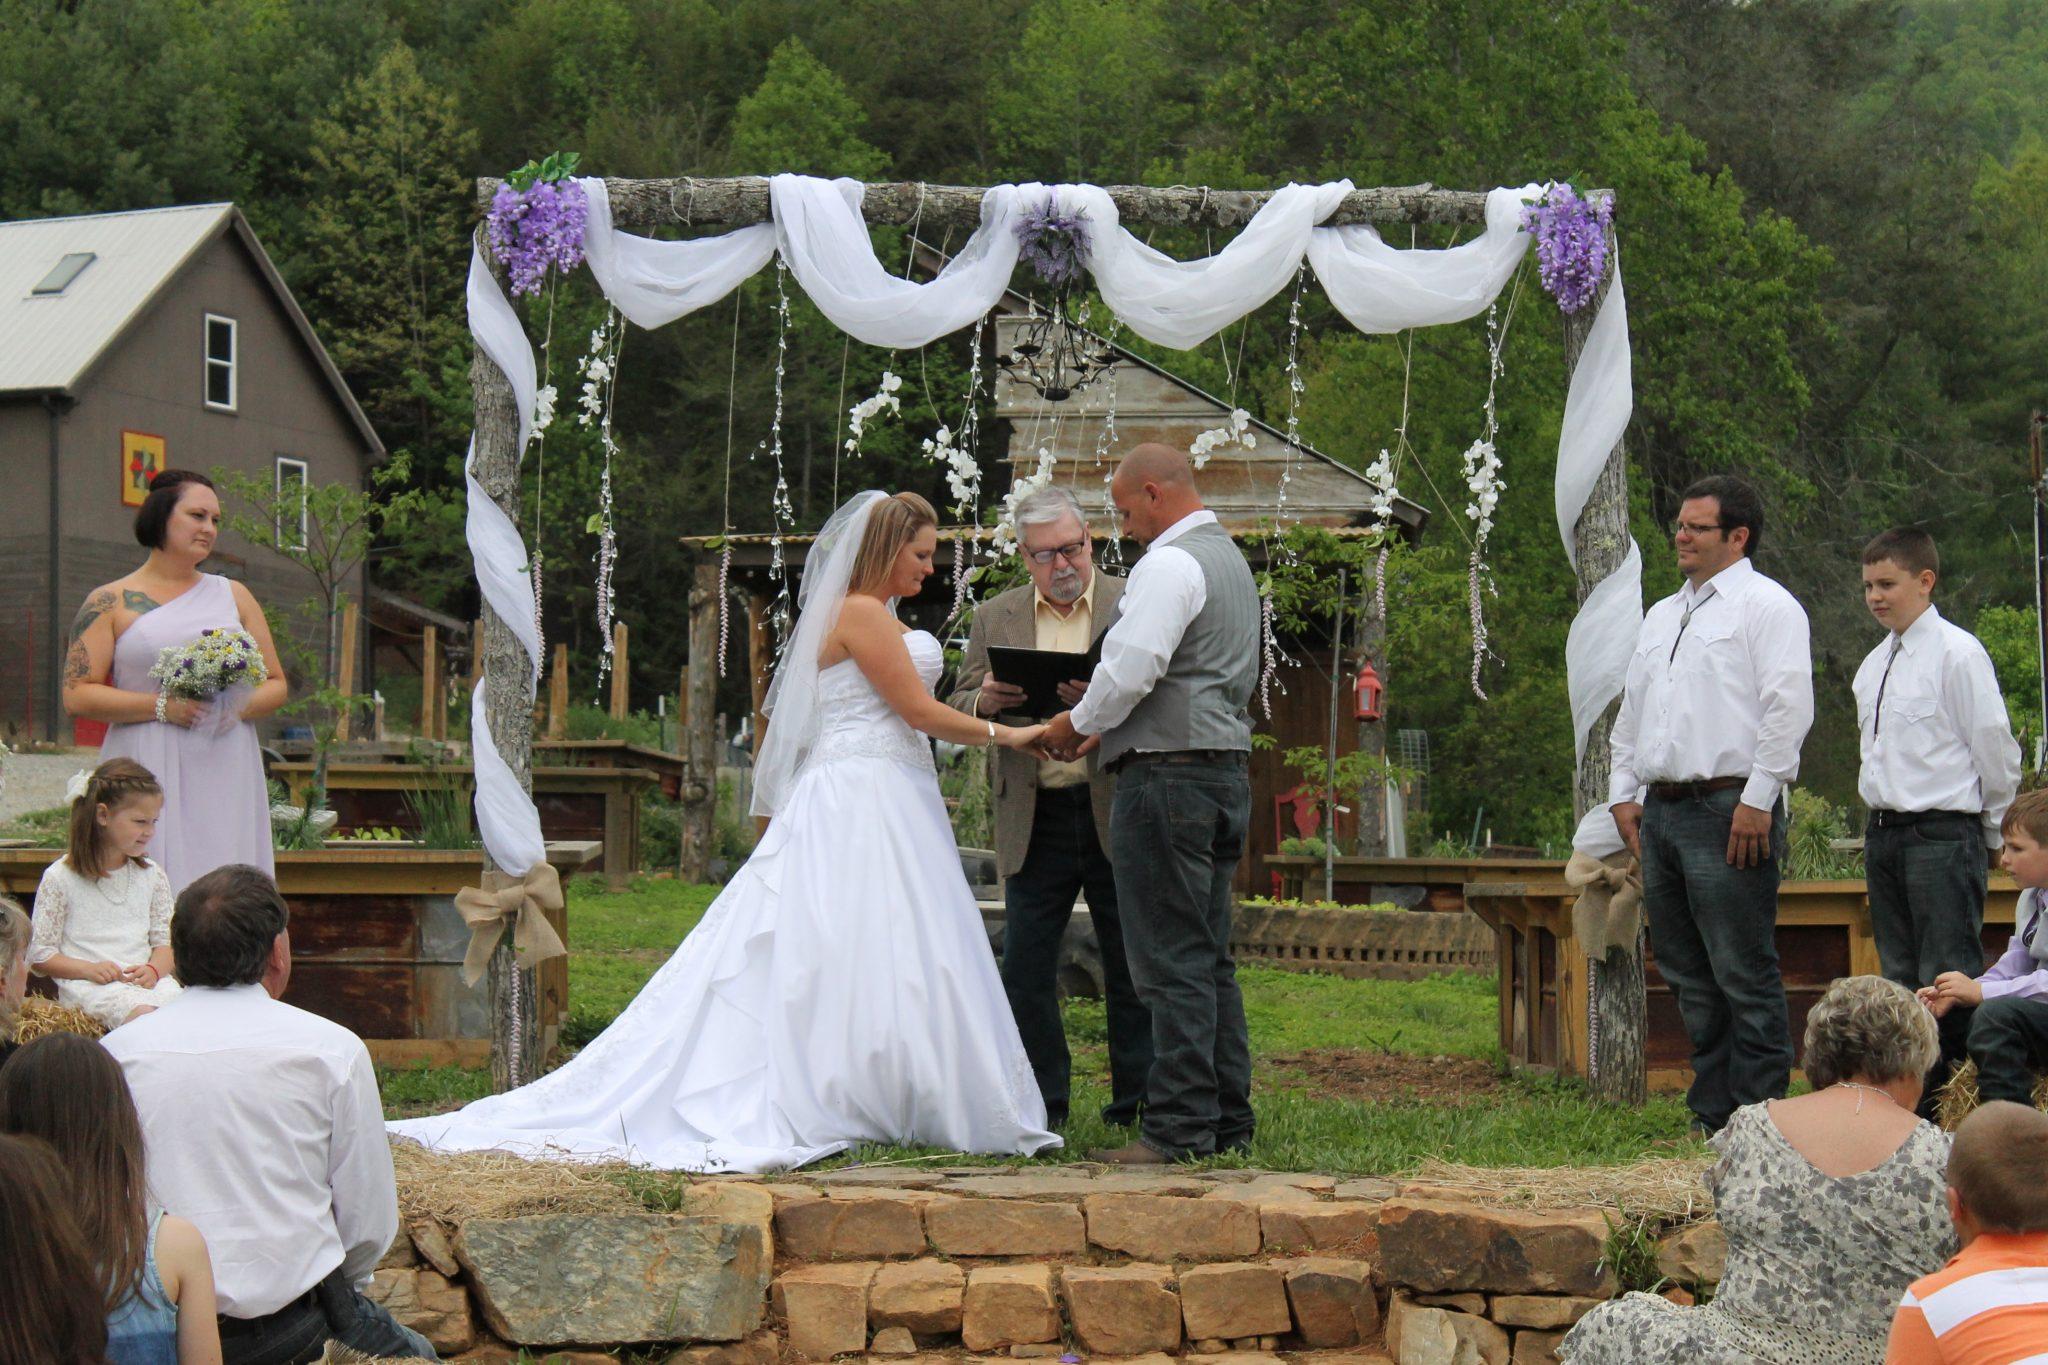 Farm wedding spring arbor